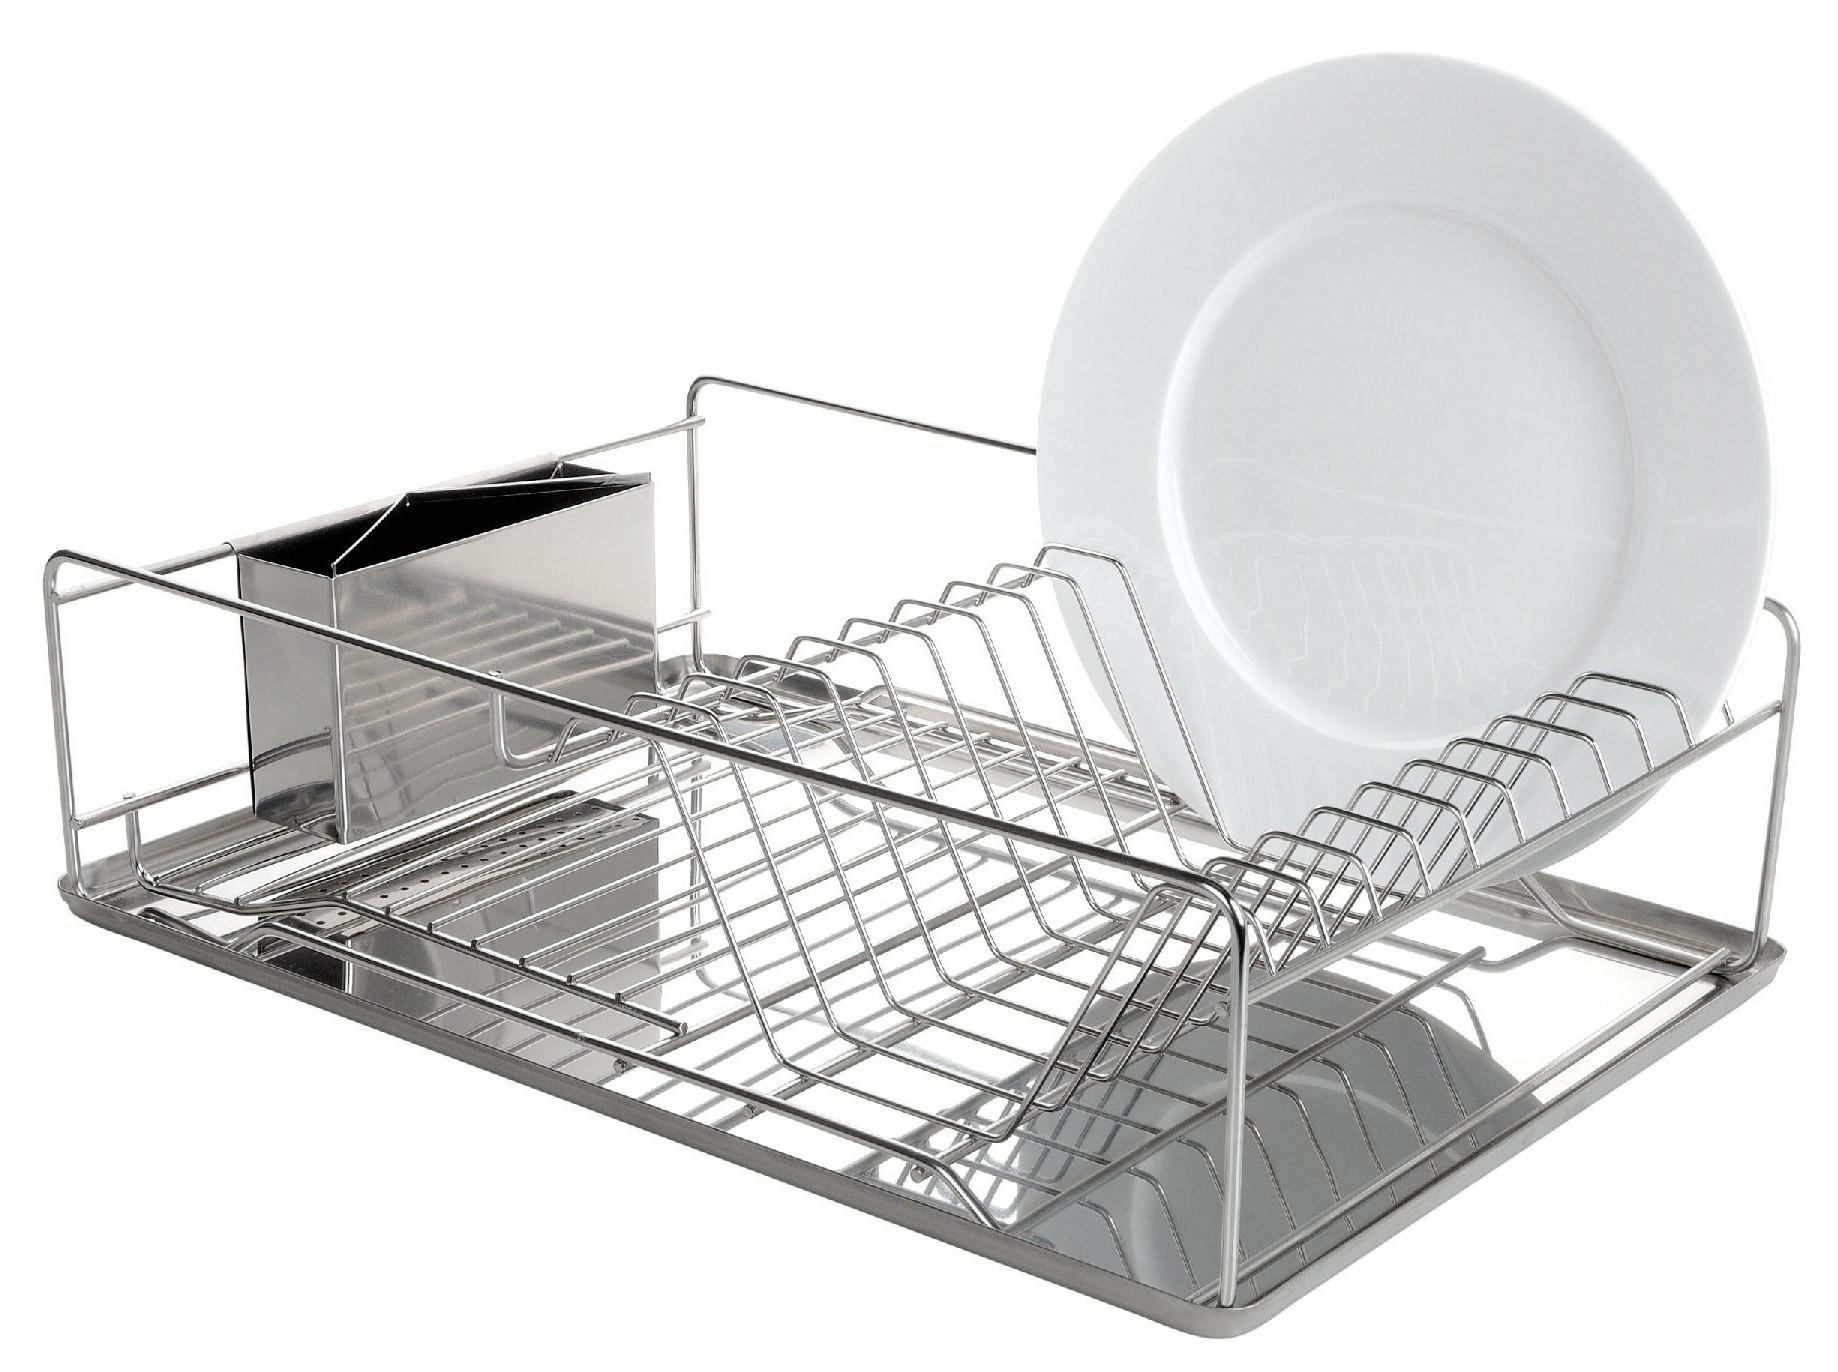 Escurreplatos para muebles de cocina - Escurreplatos leroy ...